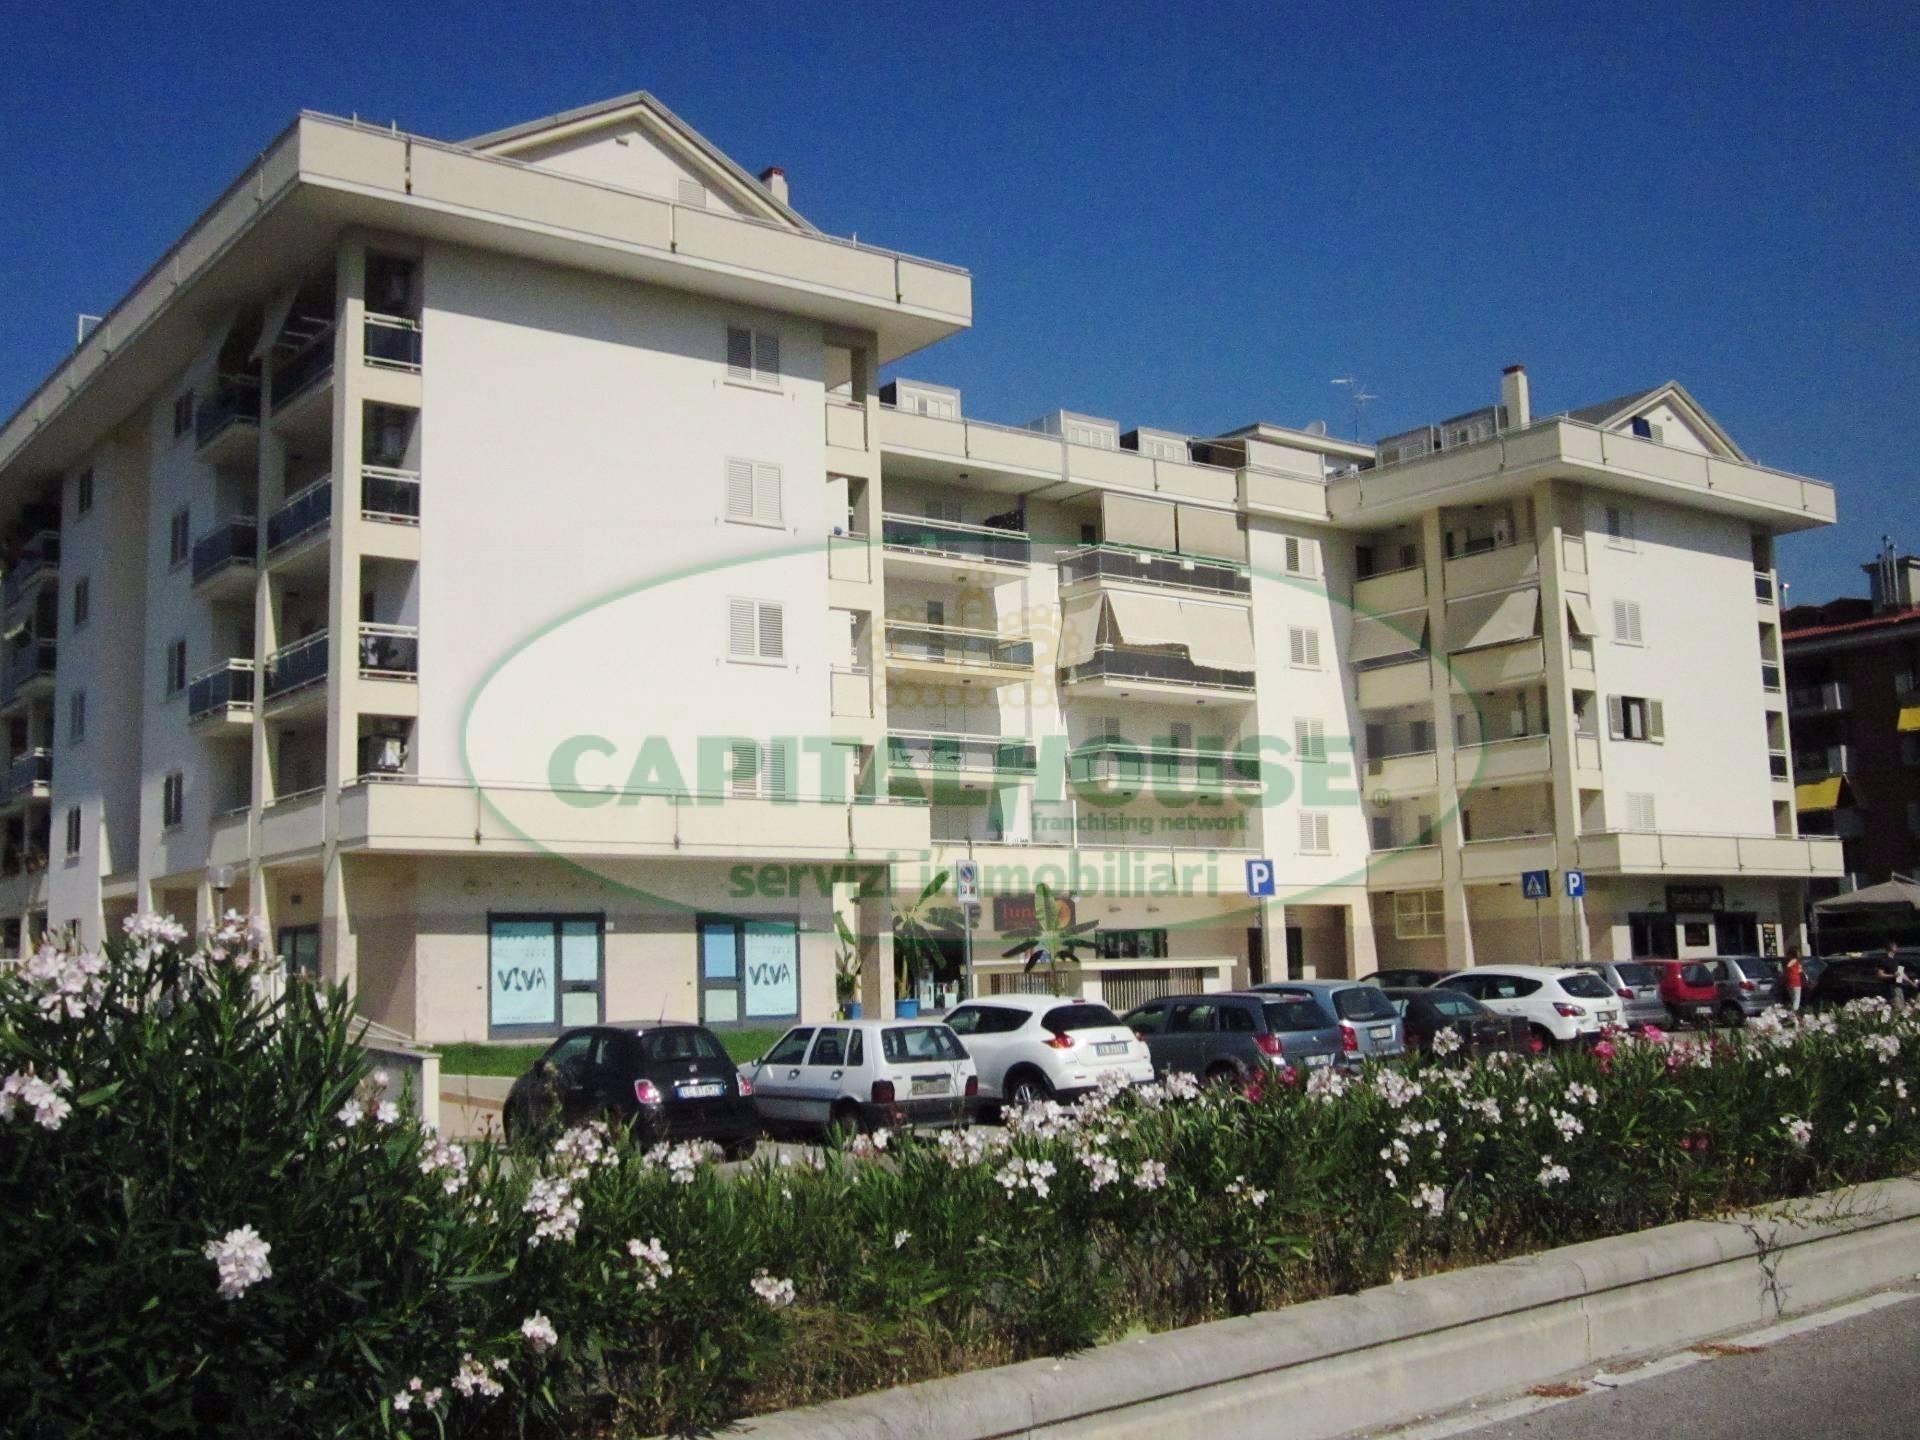 Appartamento in vendita a San Nicola la Strada, 4 locali, zona Località: ExS.Gobain, prezzo € 229.000 | Cambio Casa.it